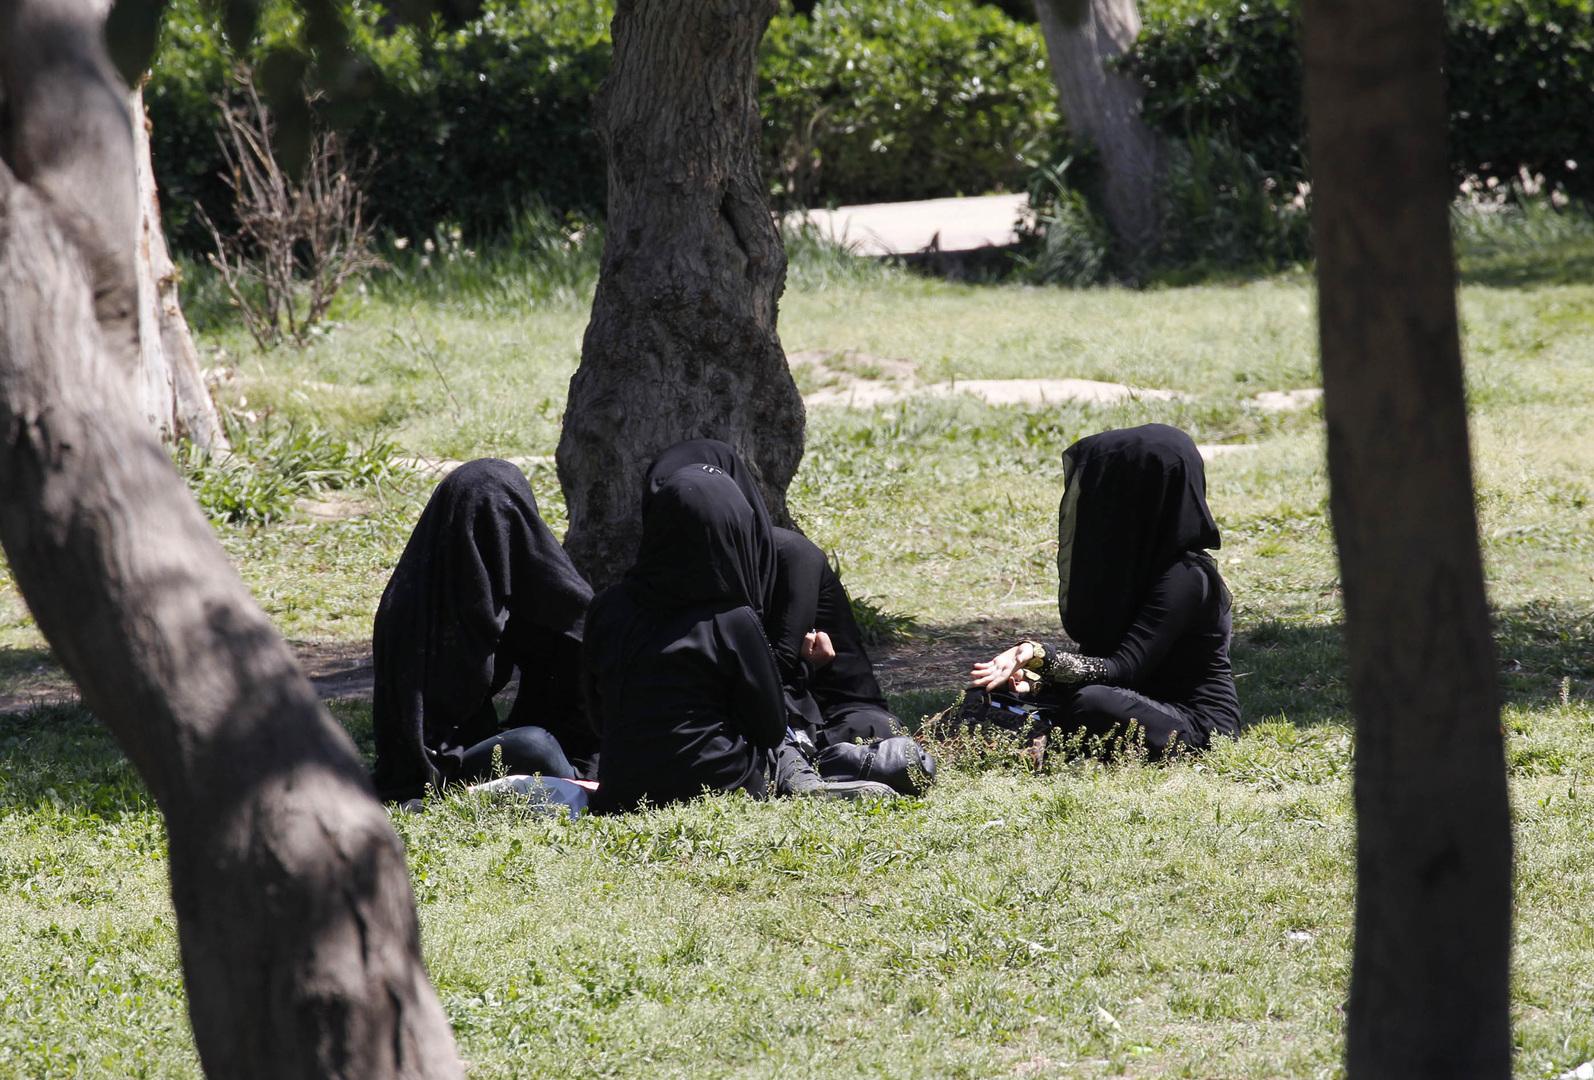 إحباط محاولة هروب 3 نساء